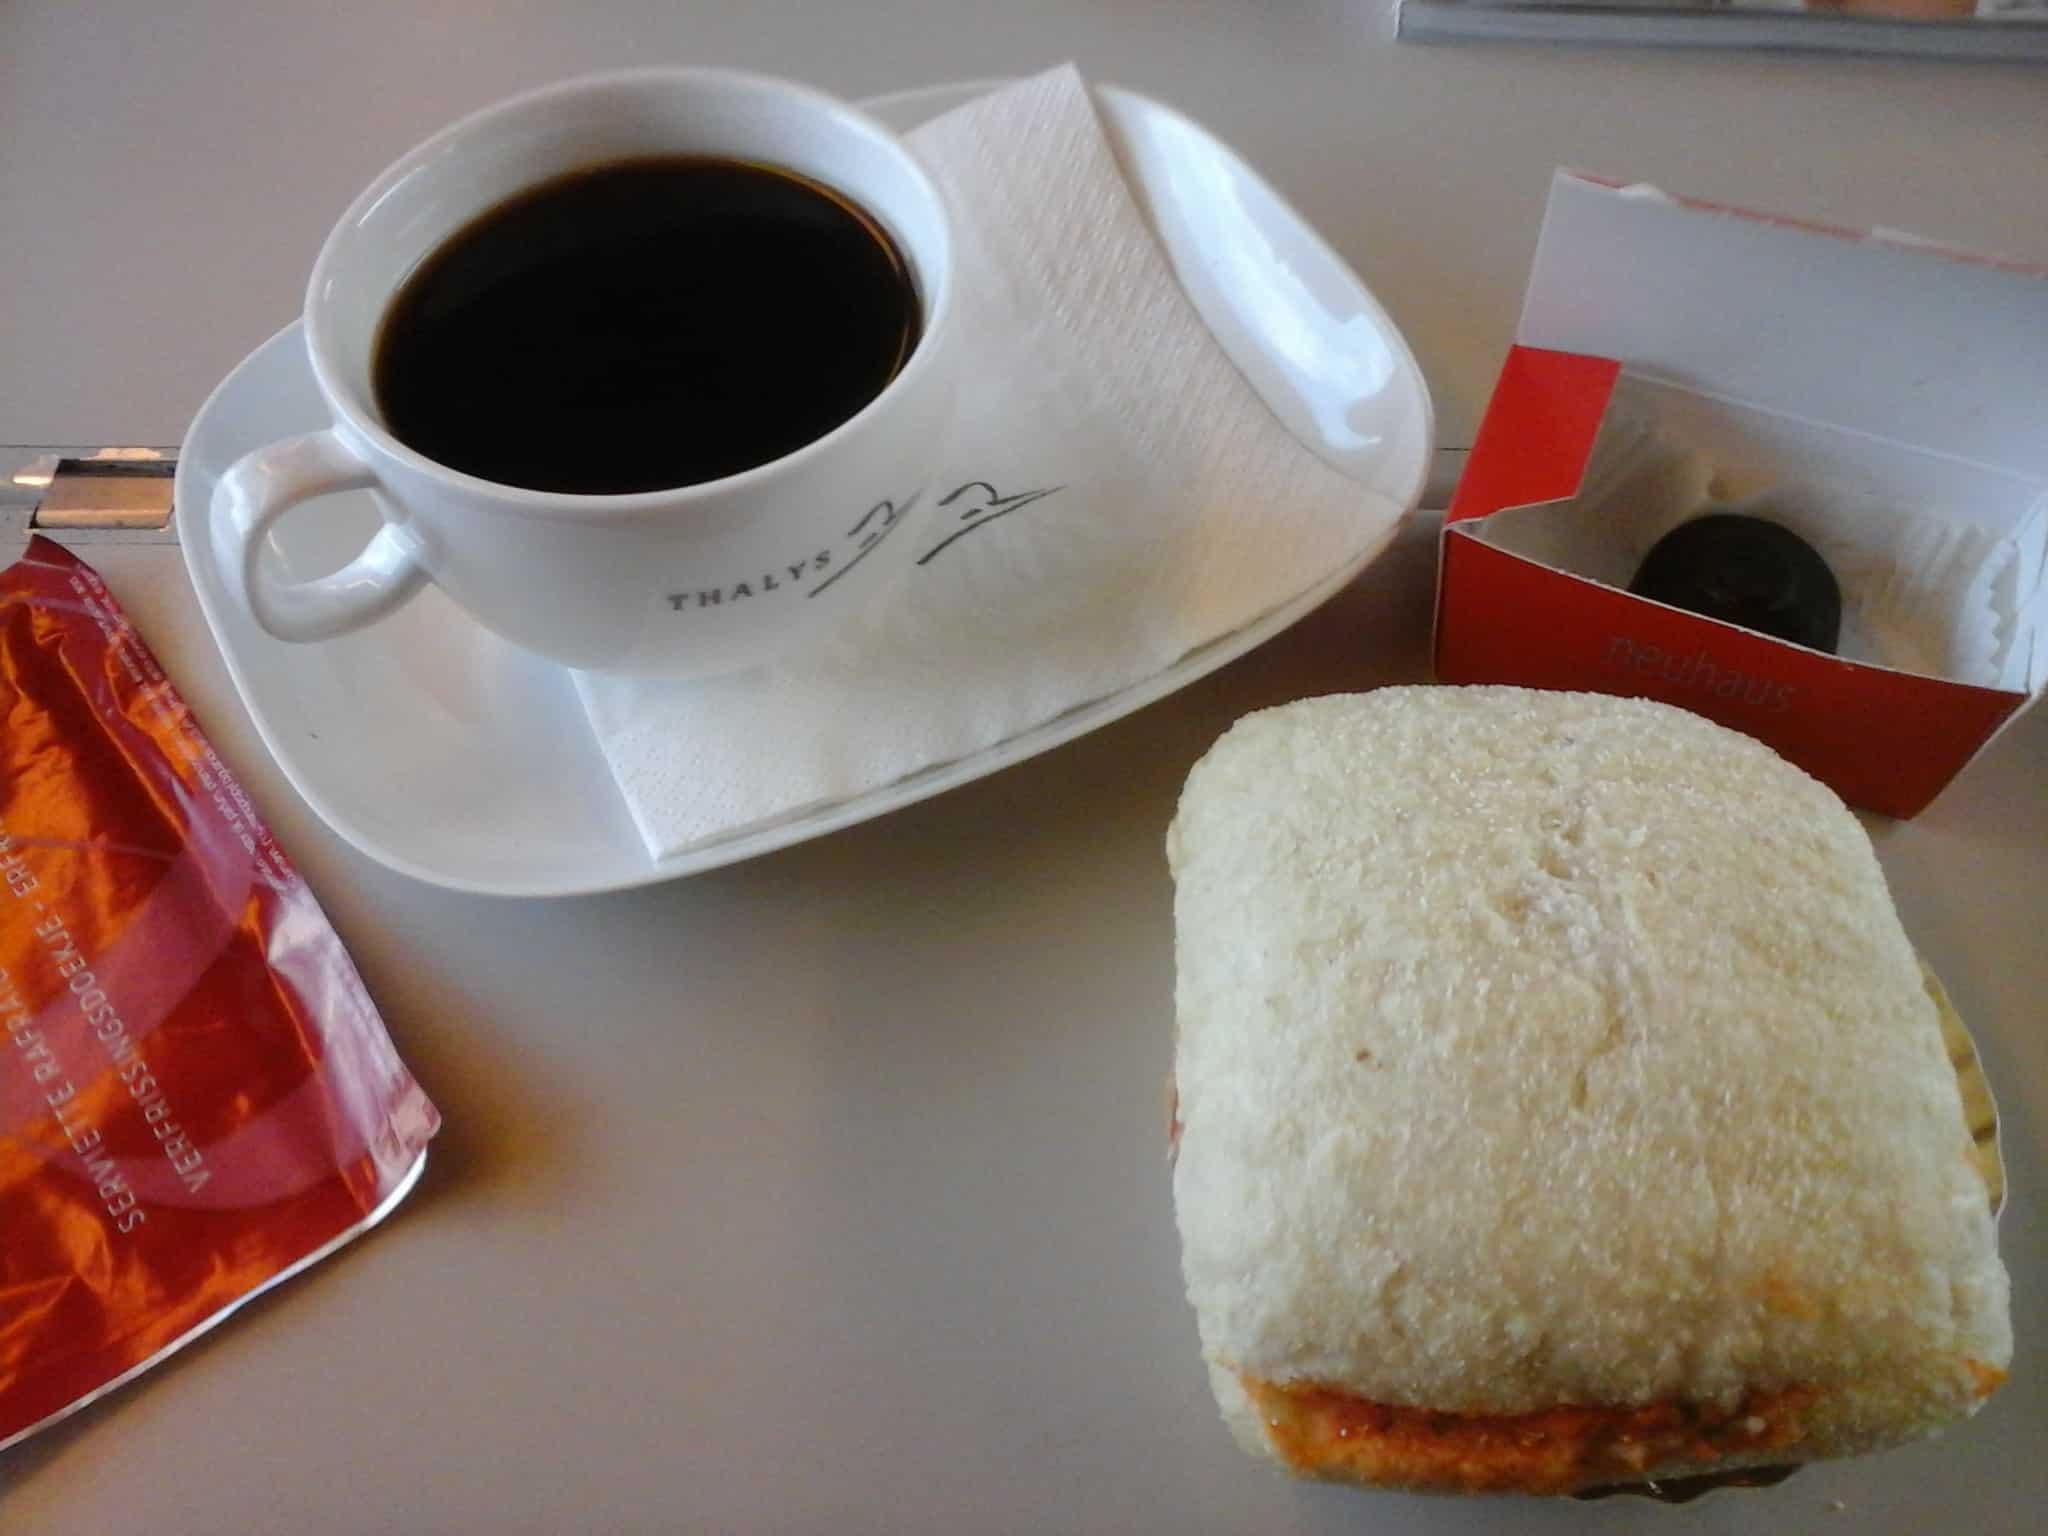 Koffie voor mama in de Thalys